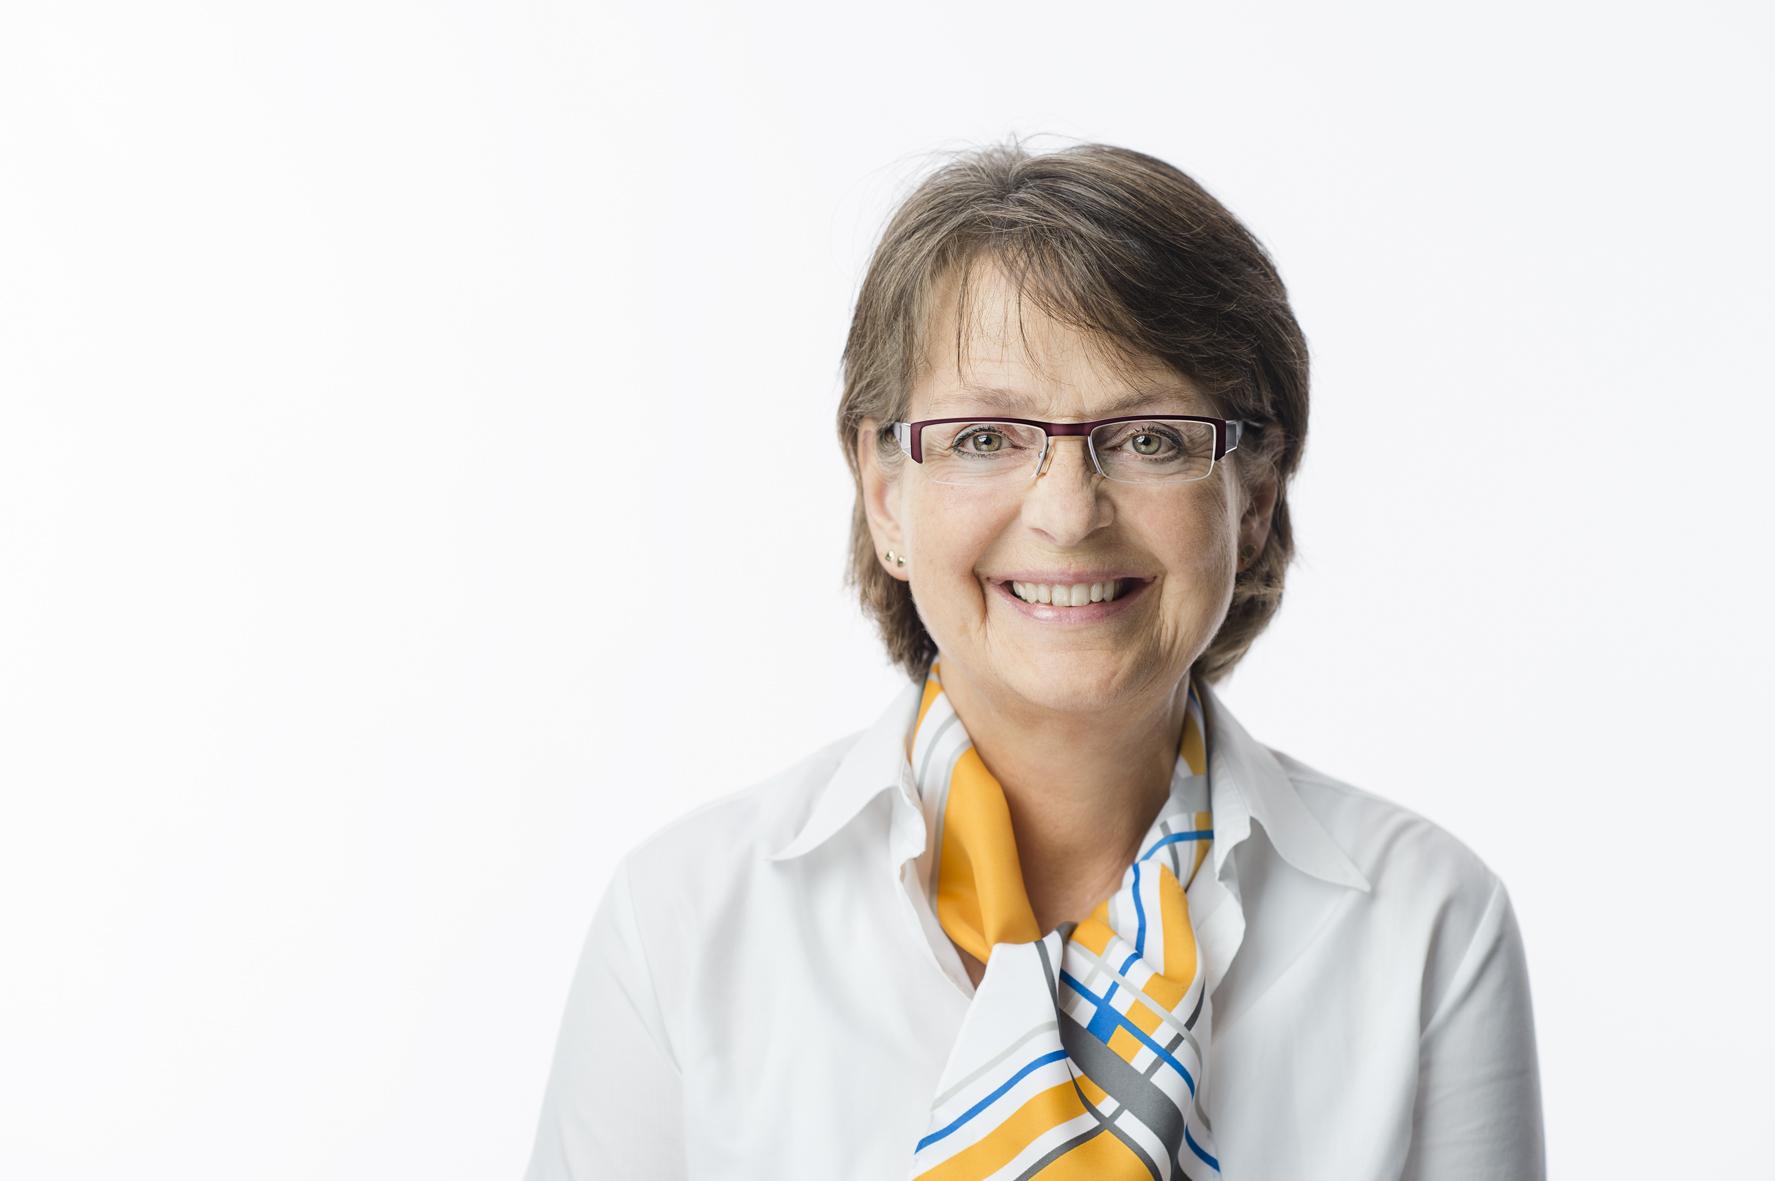 Andrea Schwarting